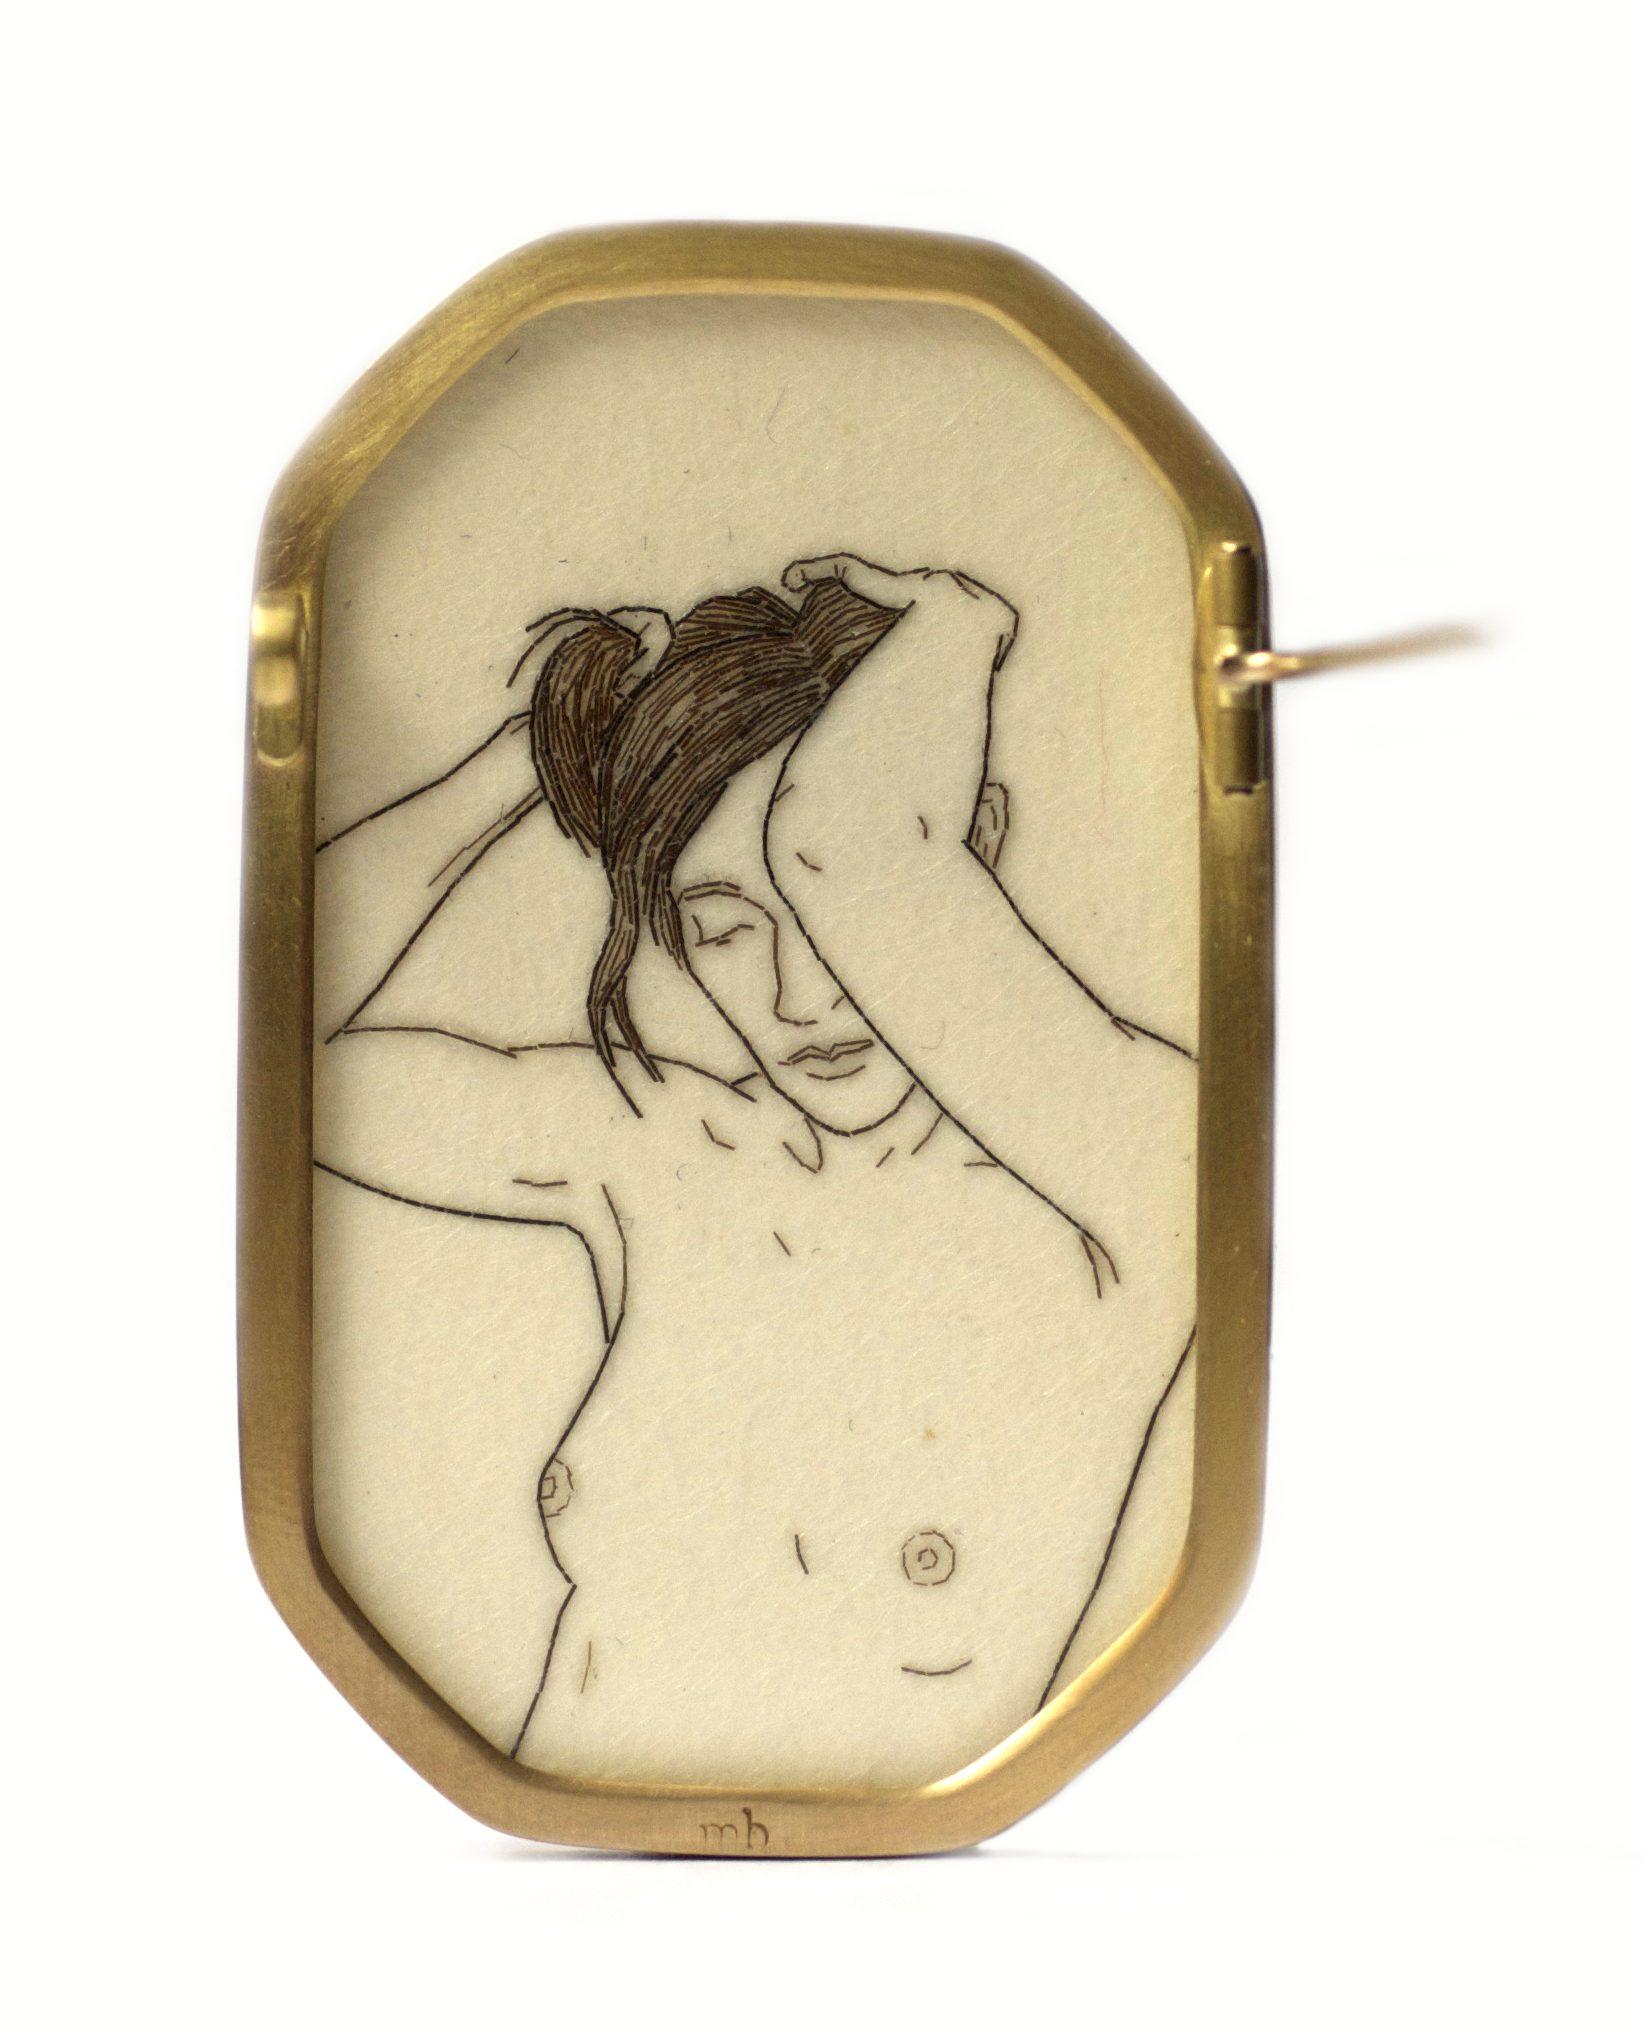 Melanie Bilenker, Pin, broche, 2013, achterzijde. Von Hier und Dort, 2015. Foto Sienna Patti, menselijk haar, papier, goud, kristal